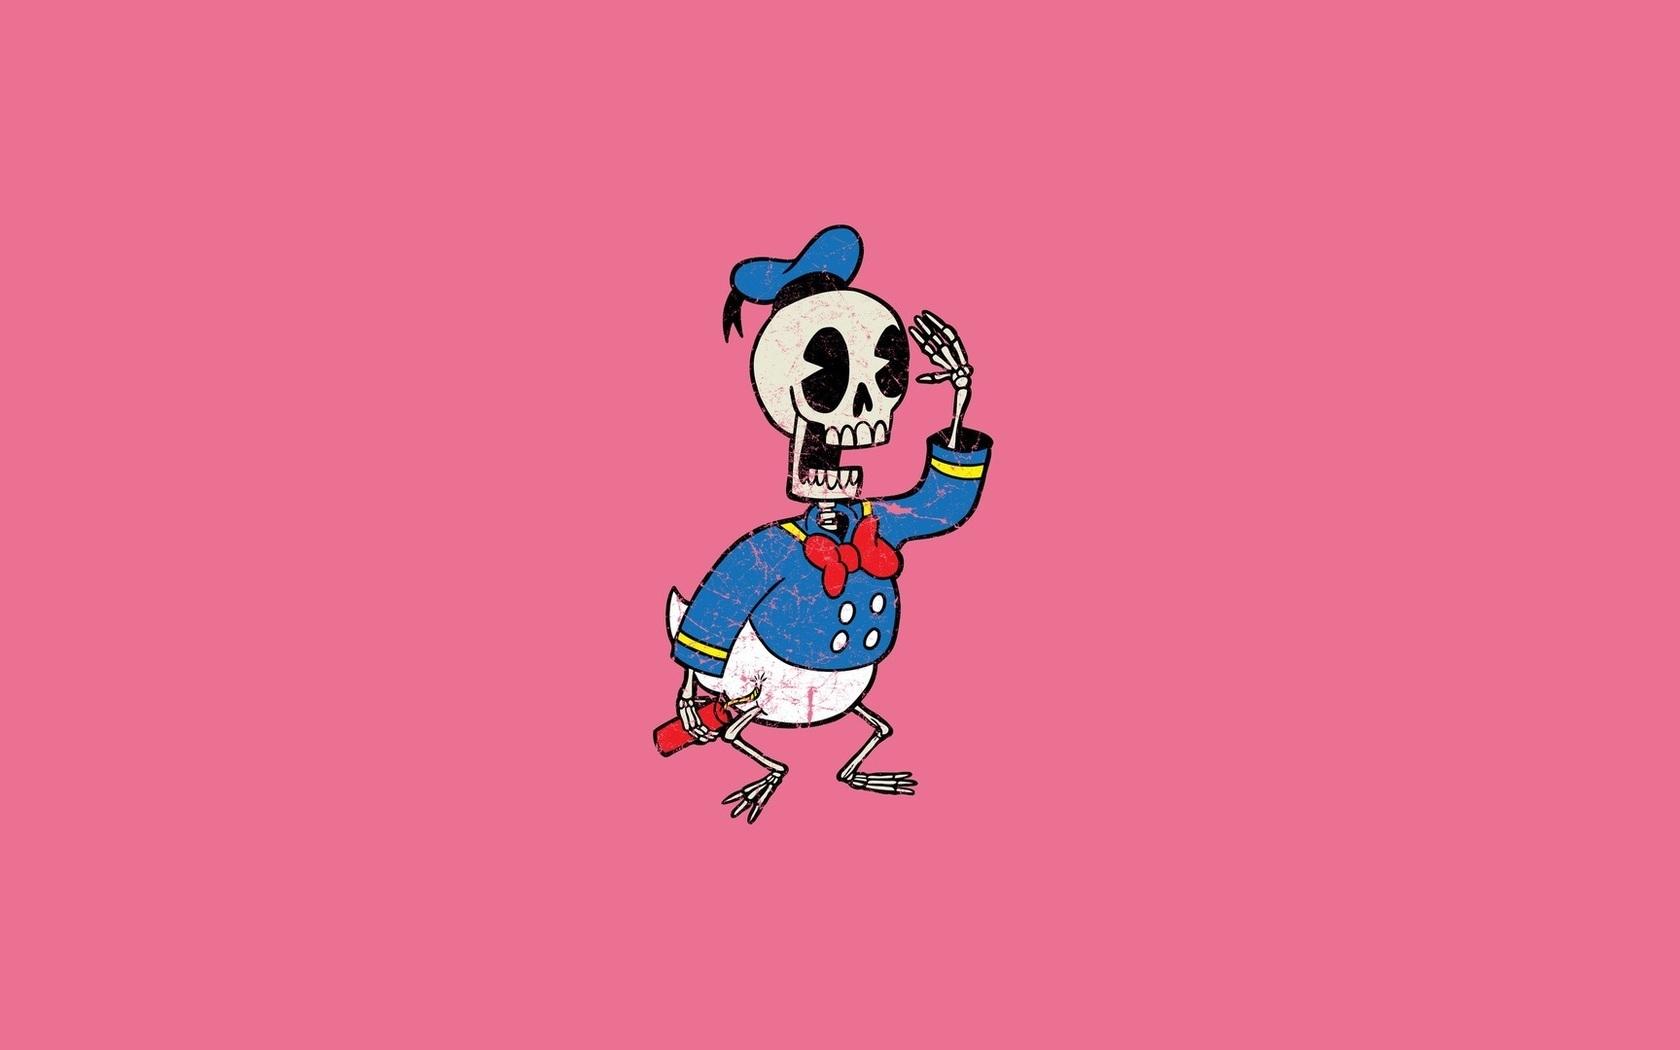 15516 Salvapantallas y fondos de pantalla Dibujos Animados en tu teléfono. Descarga imágenes de Divertido, Dibujos Animados gratis